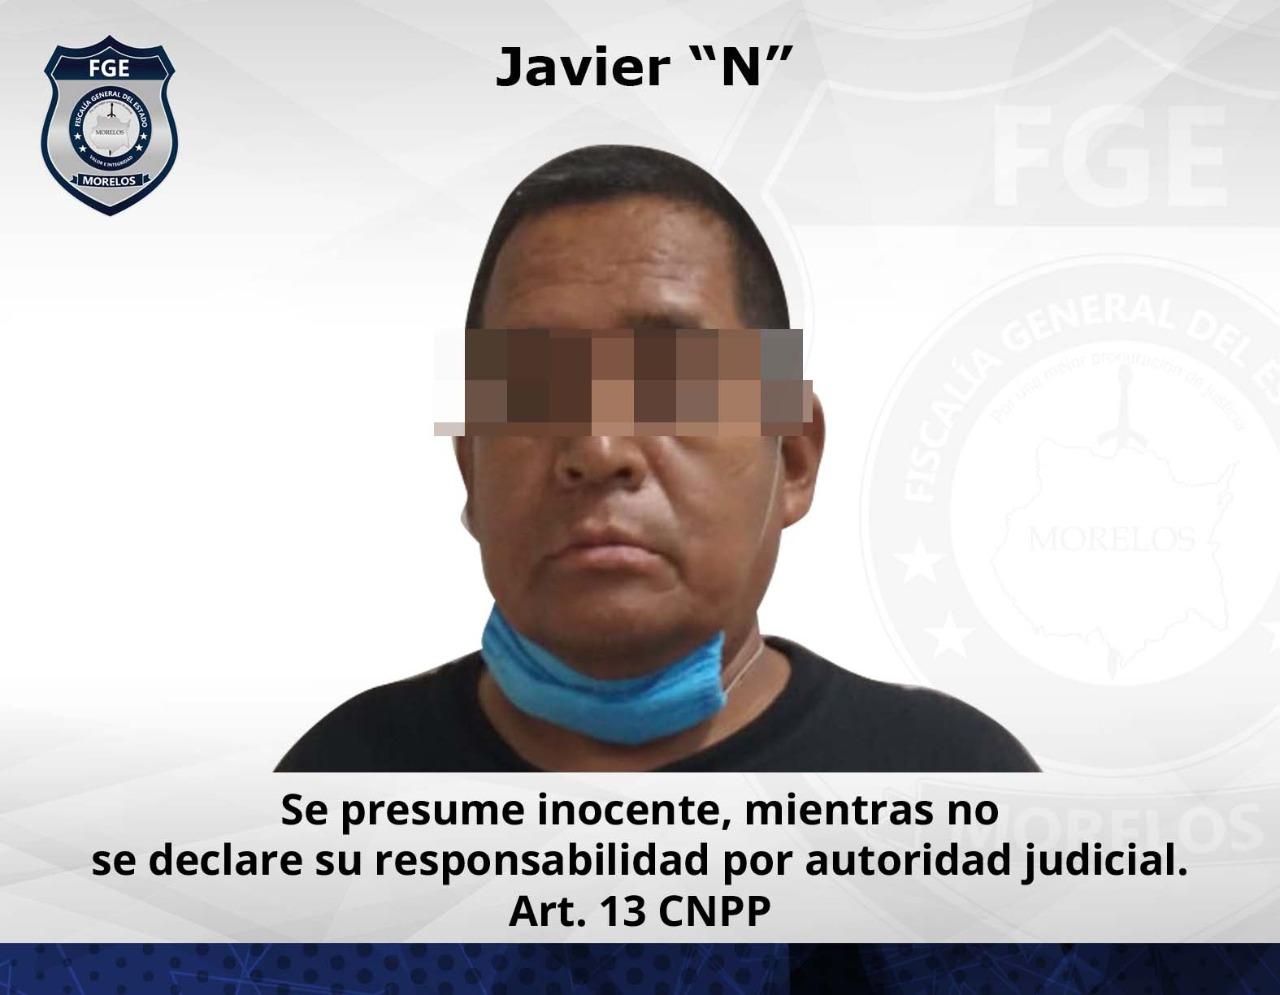 Javier N